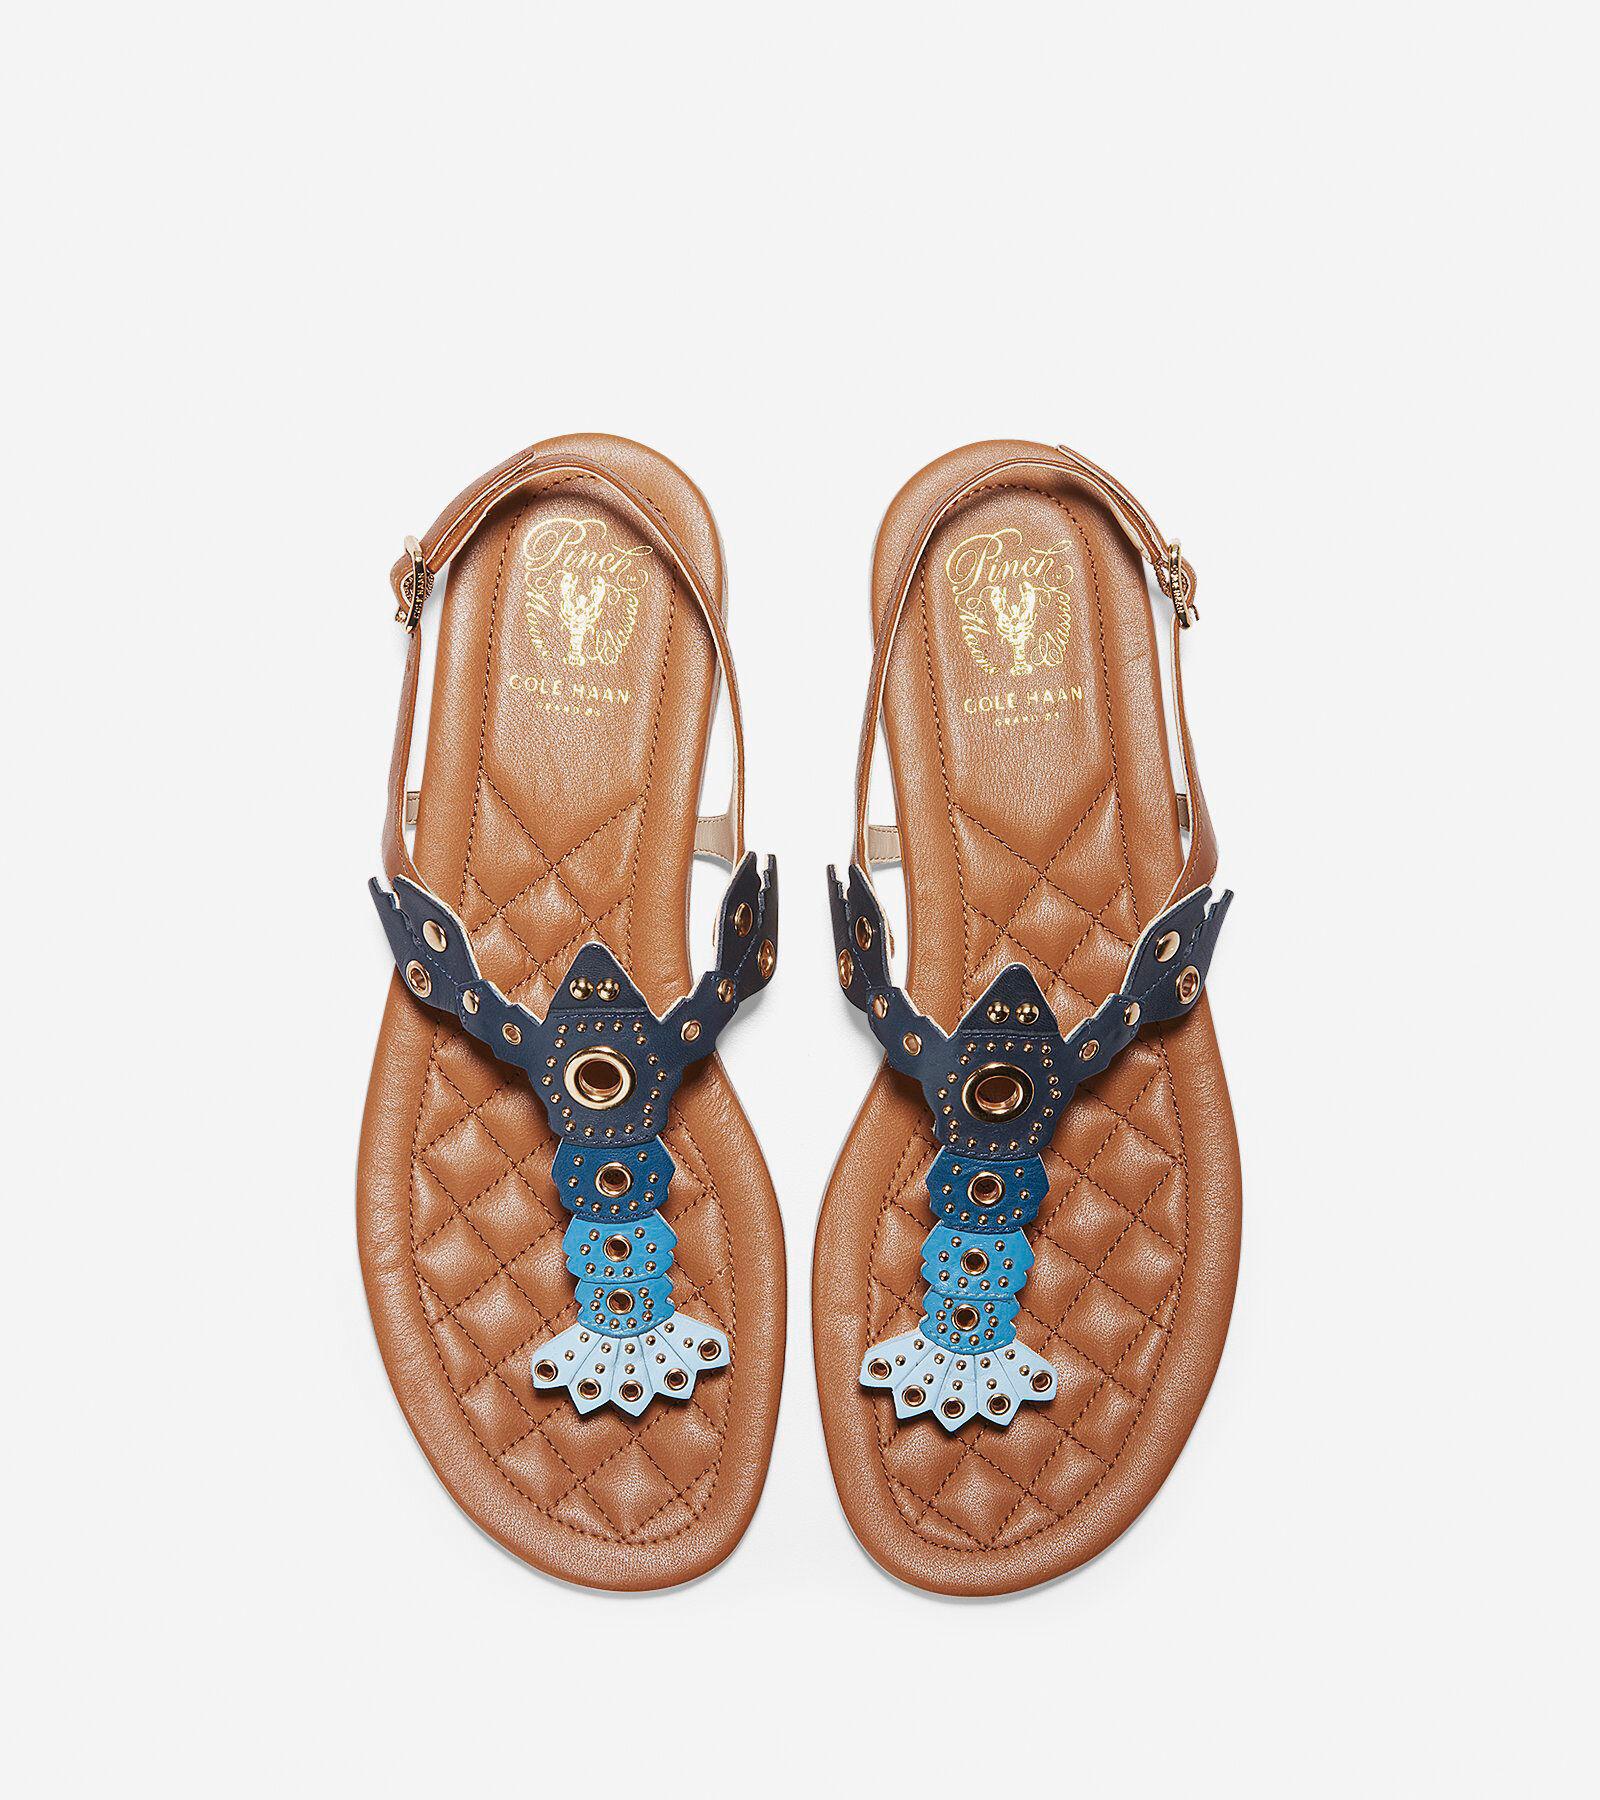 Cole Haan Pinch Lobster Sandals 0UVQME